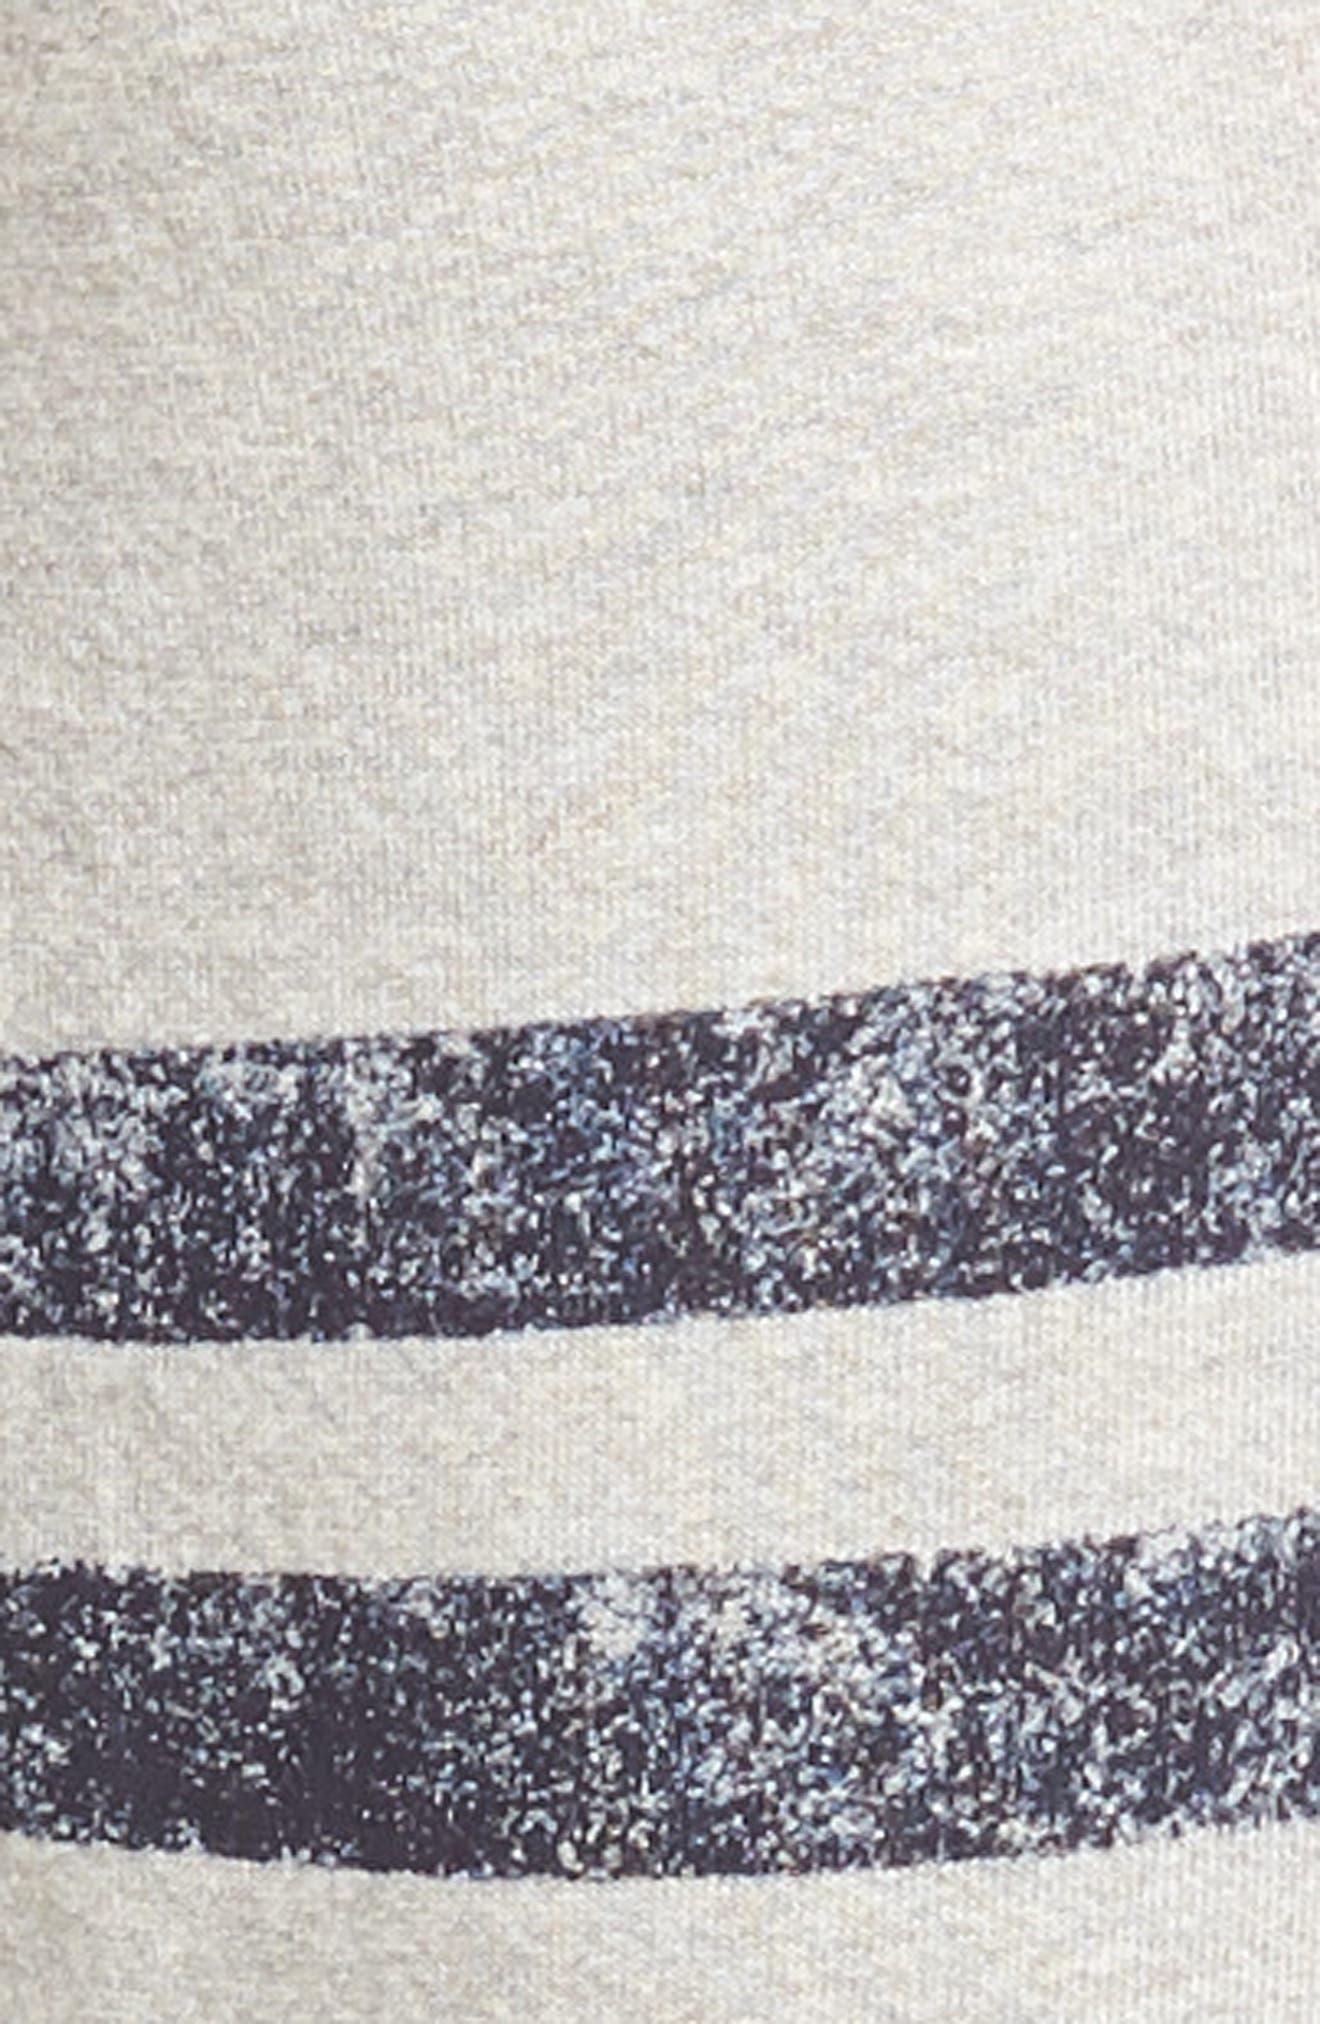 Stripe Yoga Pants,                             Alternate thumbnail 5, color,                             Soft Black